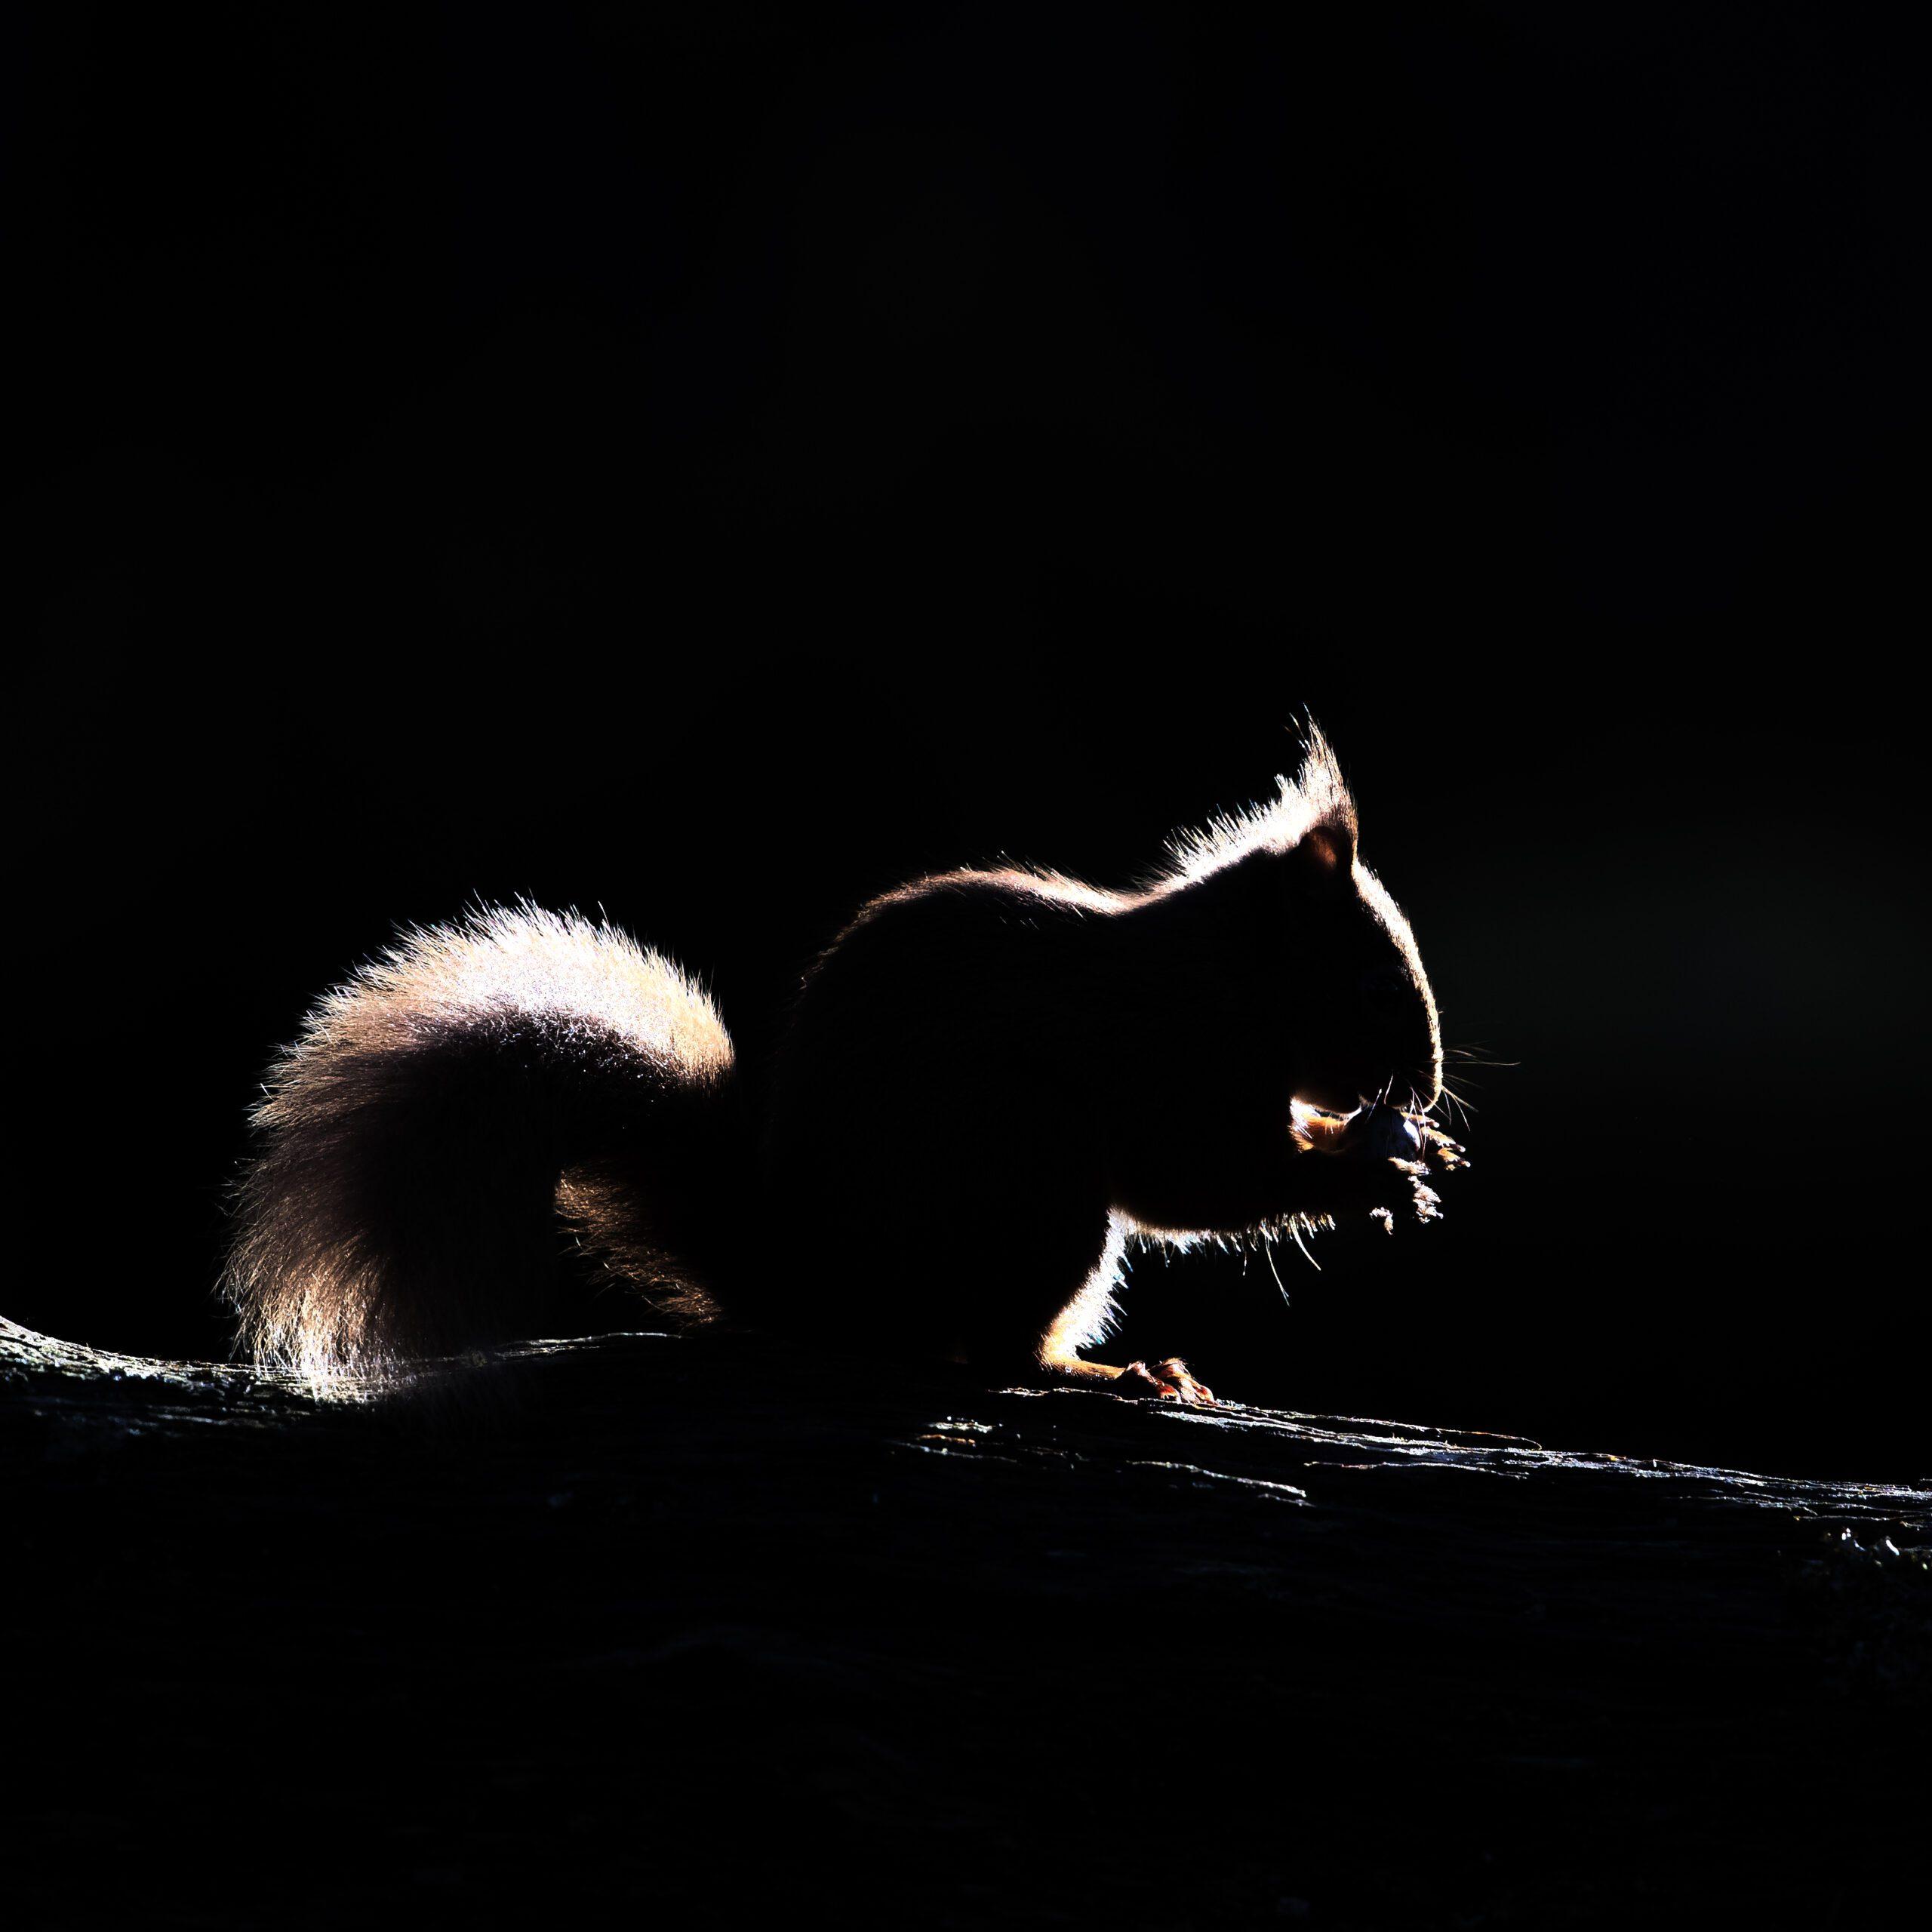 Red Squirrel Backlit